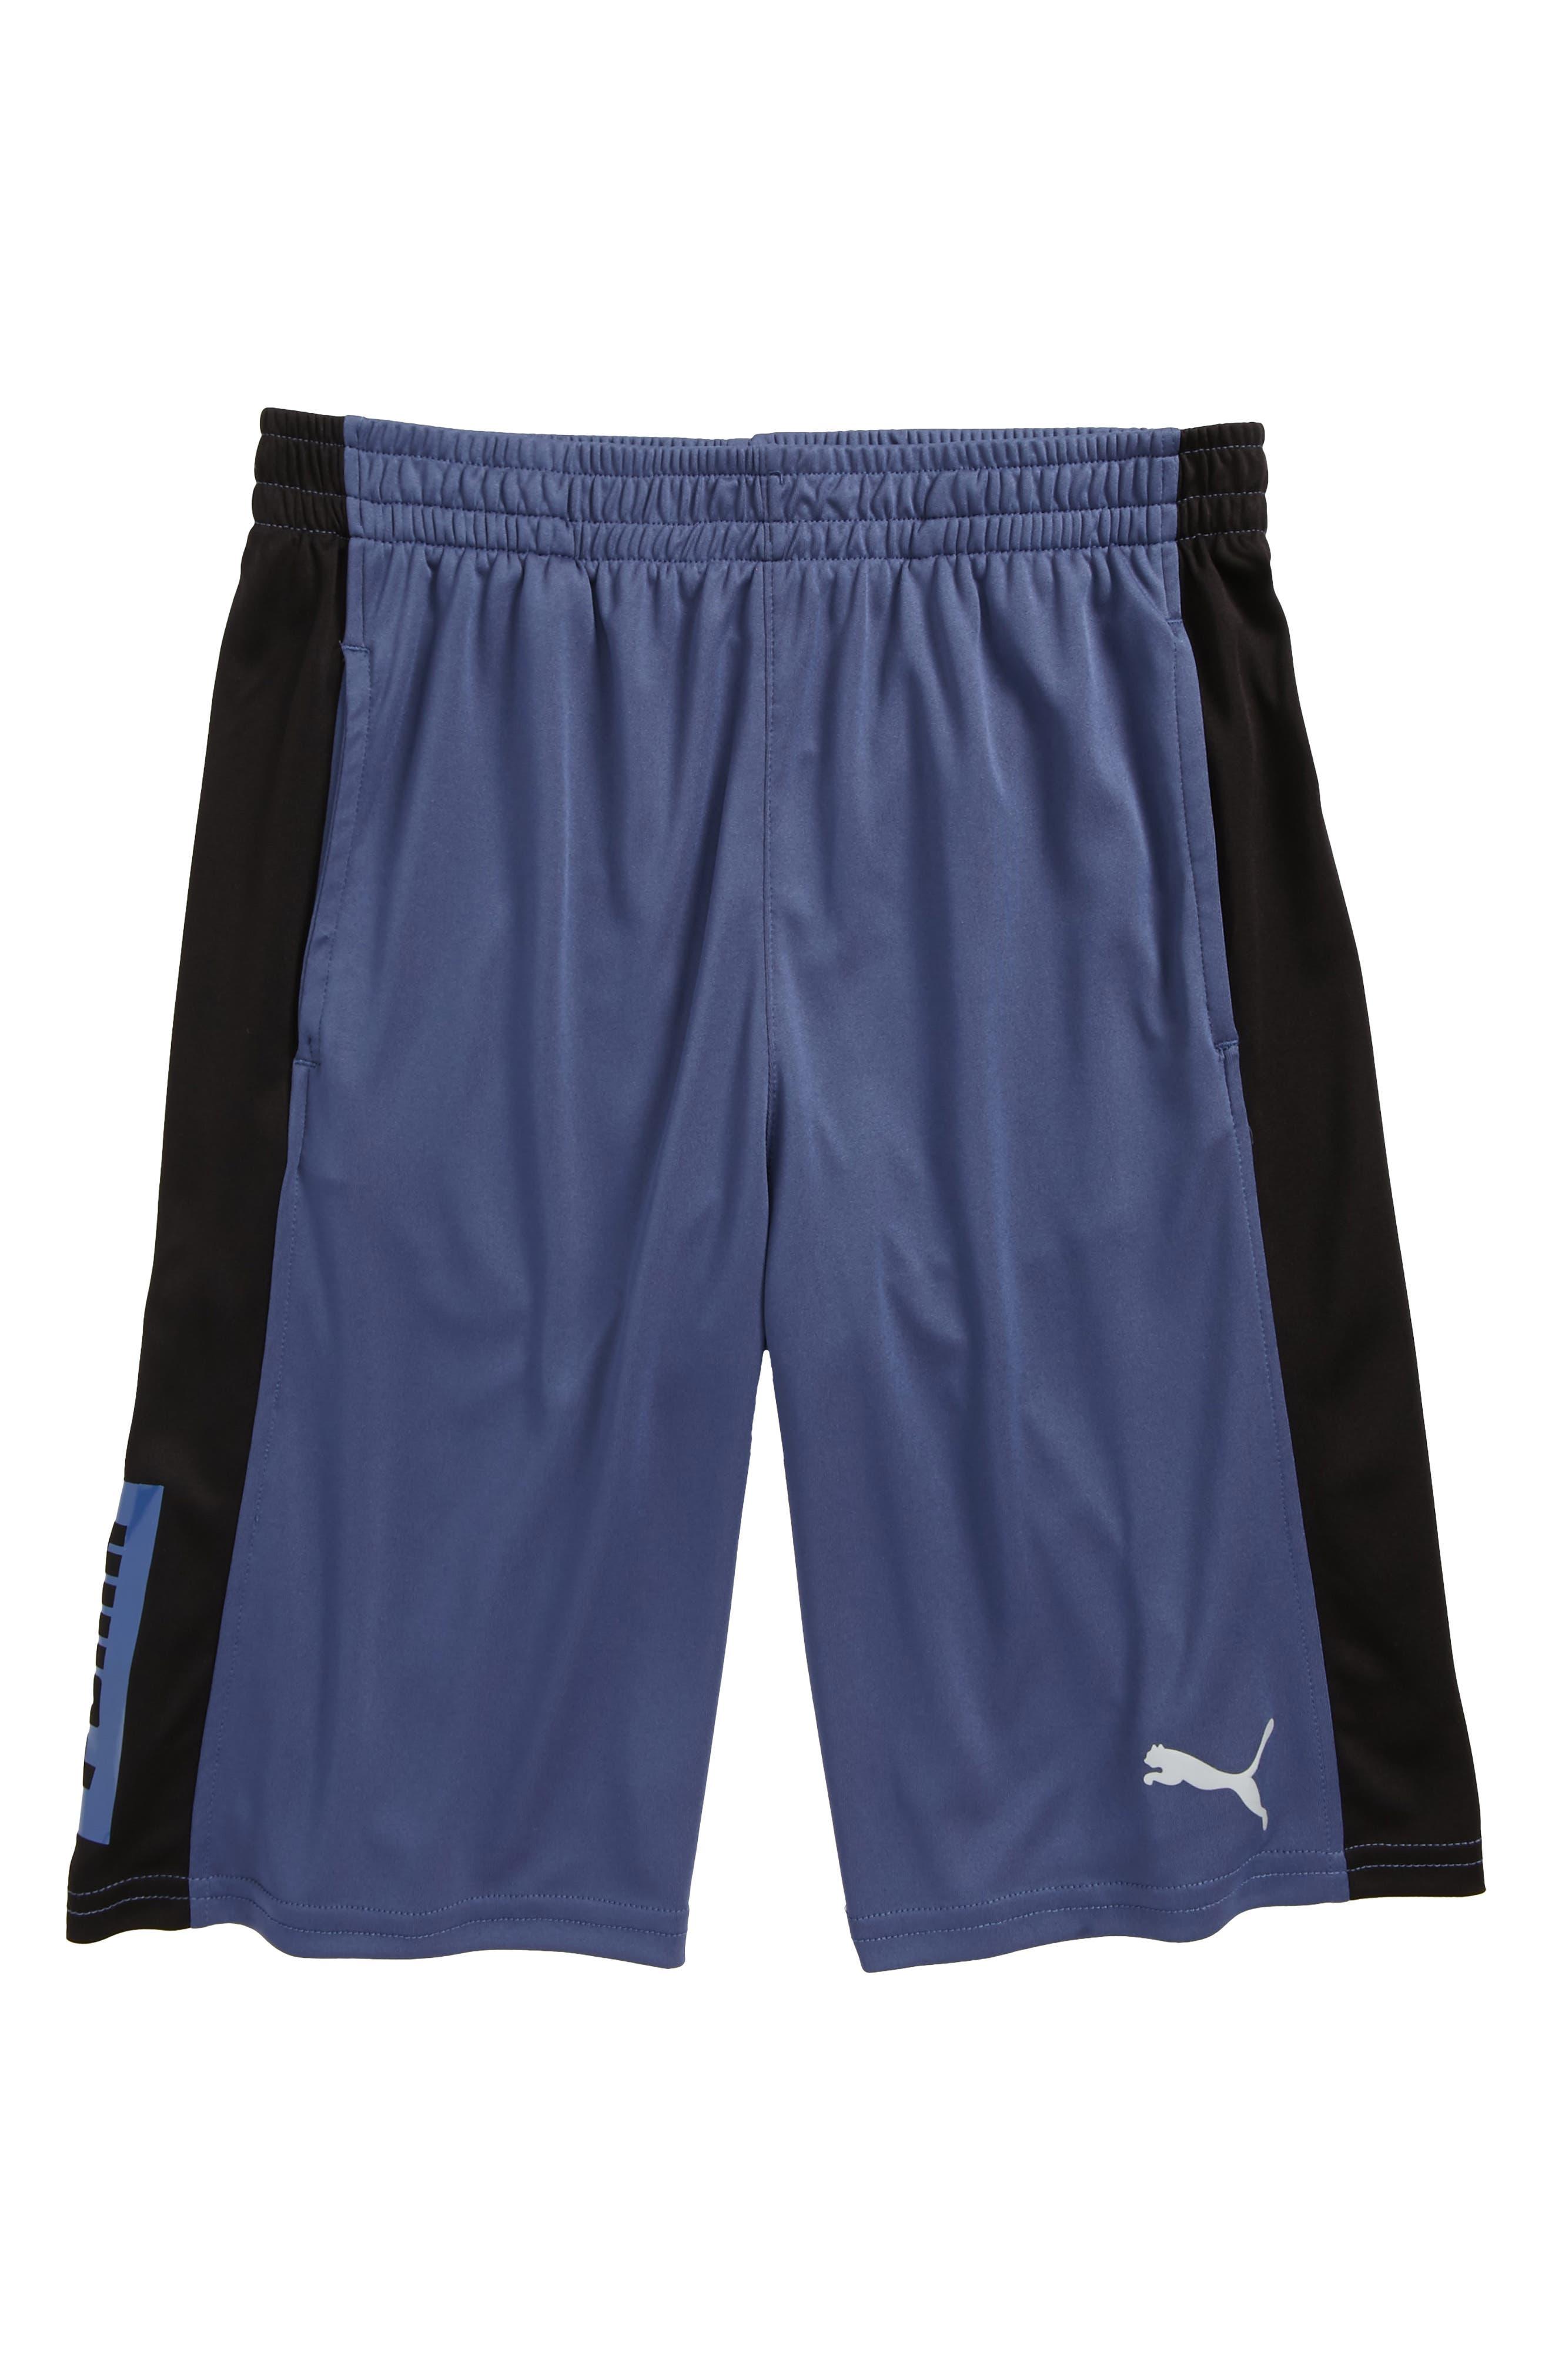 Colorblock Perforated Shorts,                             Main thumbnail 1, color,                             Blue Indigo